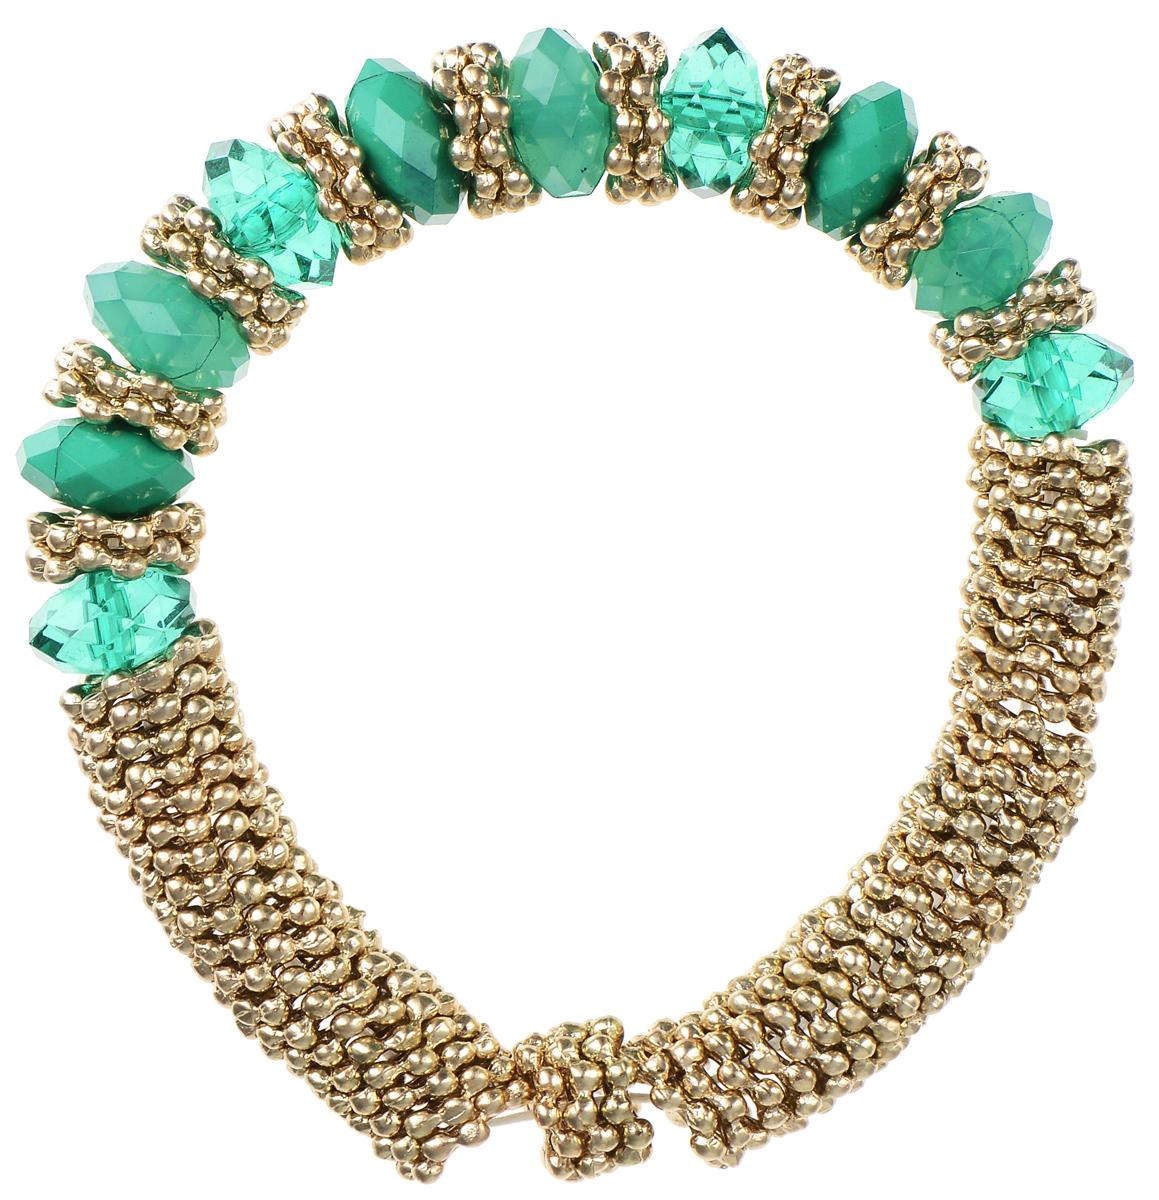 Браслет Taya, цвет: золотистый, зеленый. T-B-5542T-B-5542Стильный браслет Taya выполнен из бижутерийного сплава и пластика. Элементы в форме снежинок и граненые бусины собраны на эластичной резинке. Благодаря эластичной основе и подвижным элементам изделие идеально разместиться на запястье. Такой браслет позволит вам с легкостью воплотить самую смелую фантазию и создать собственный, неповторимый образ.